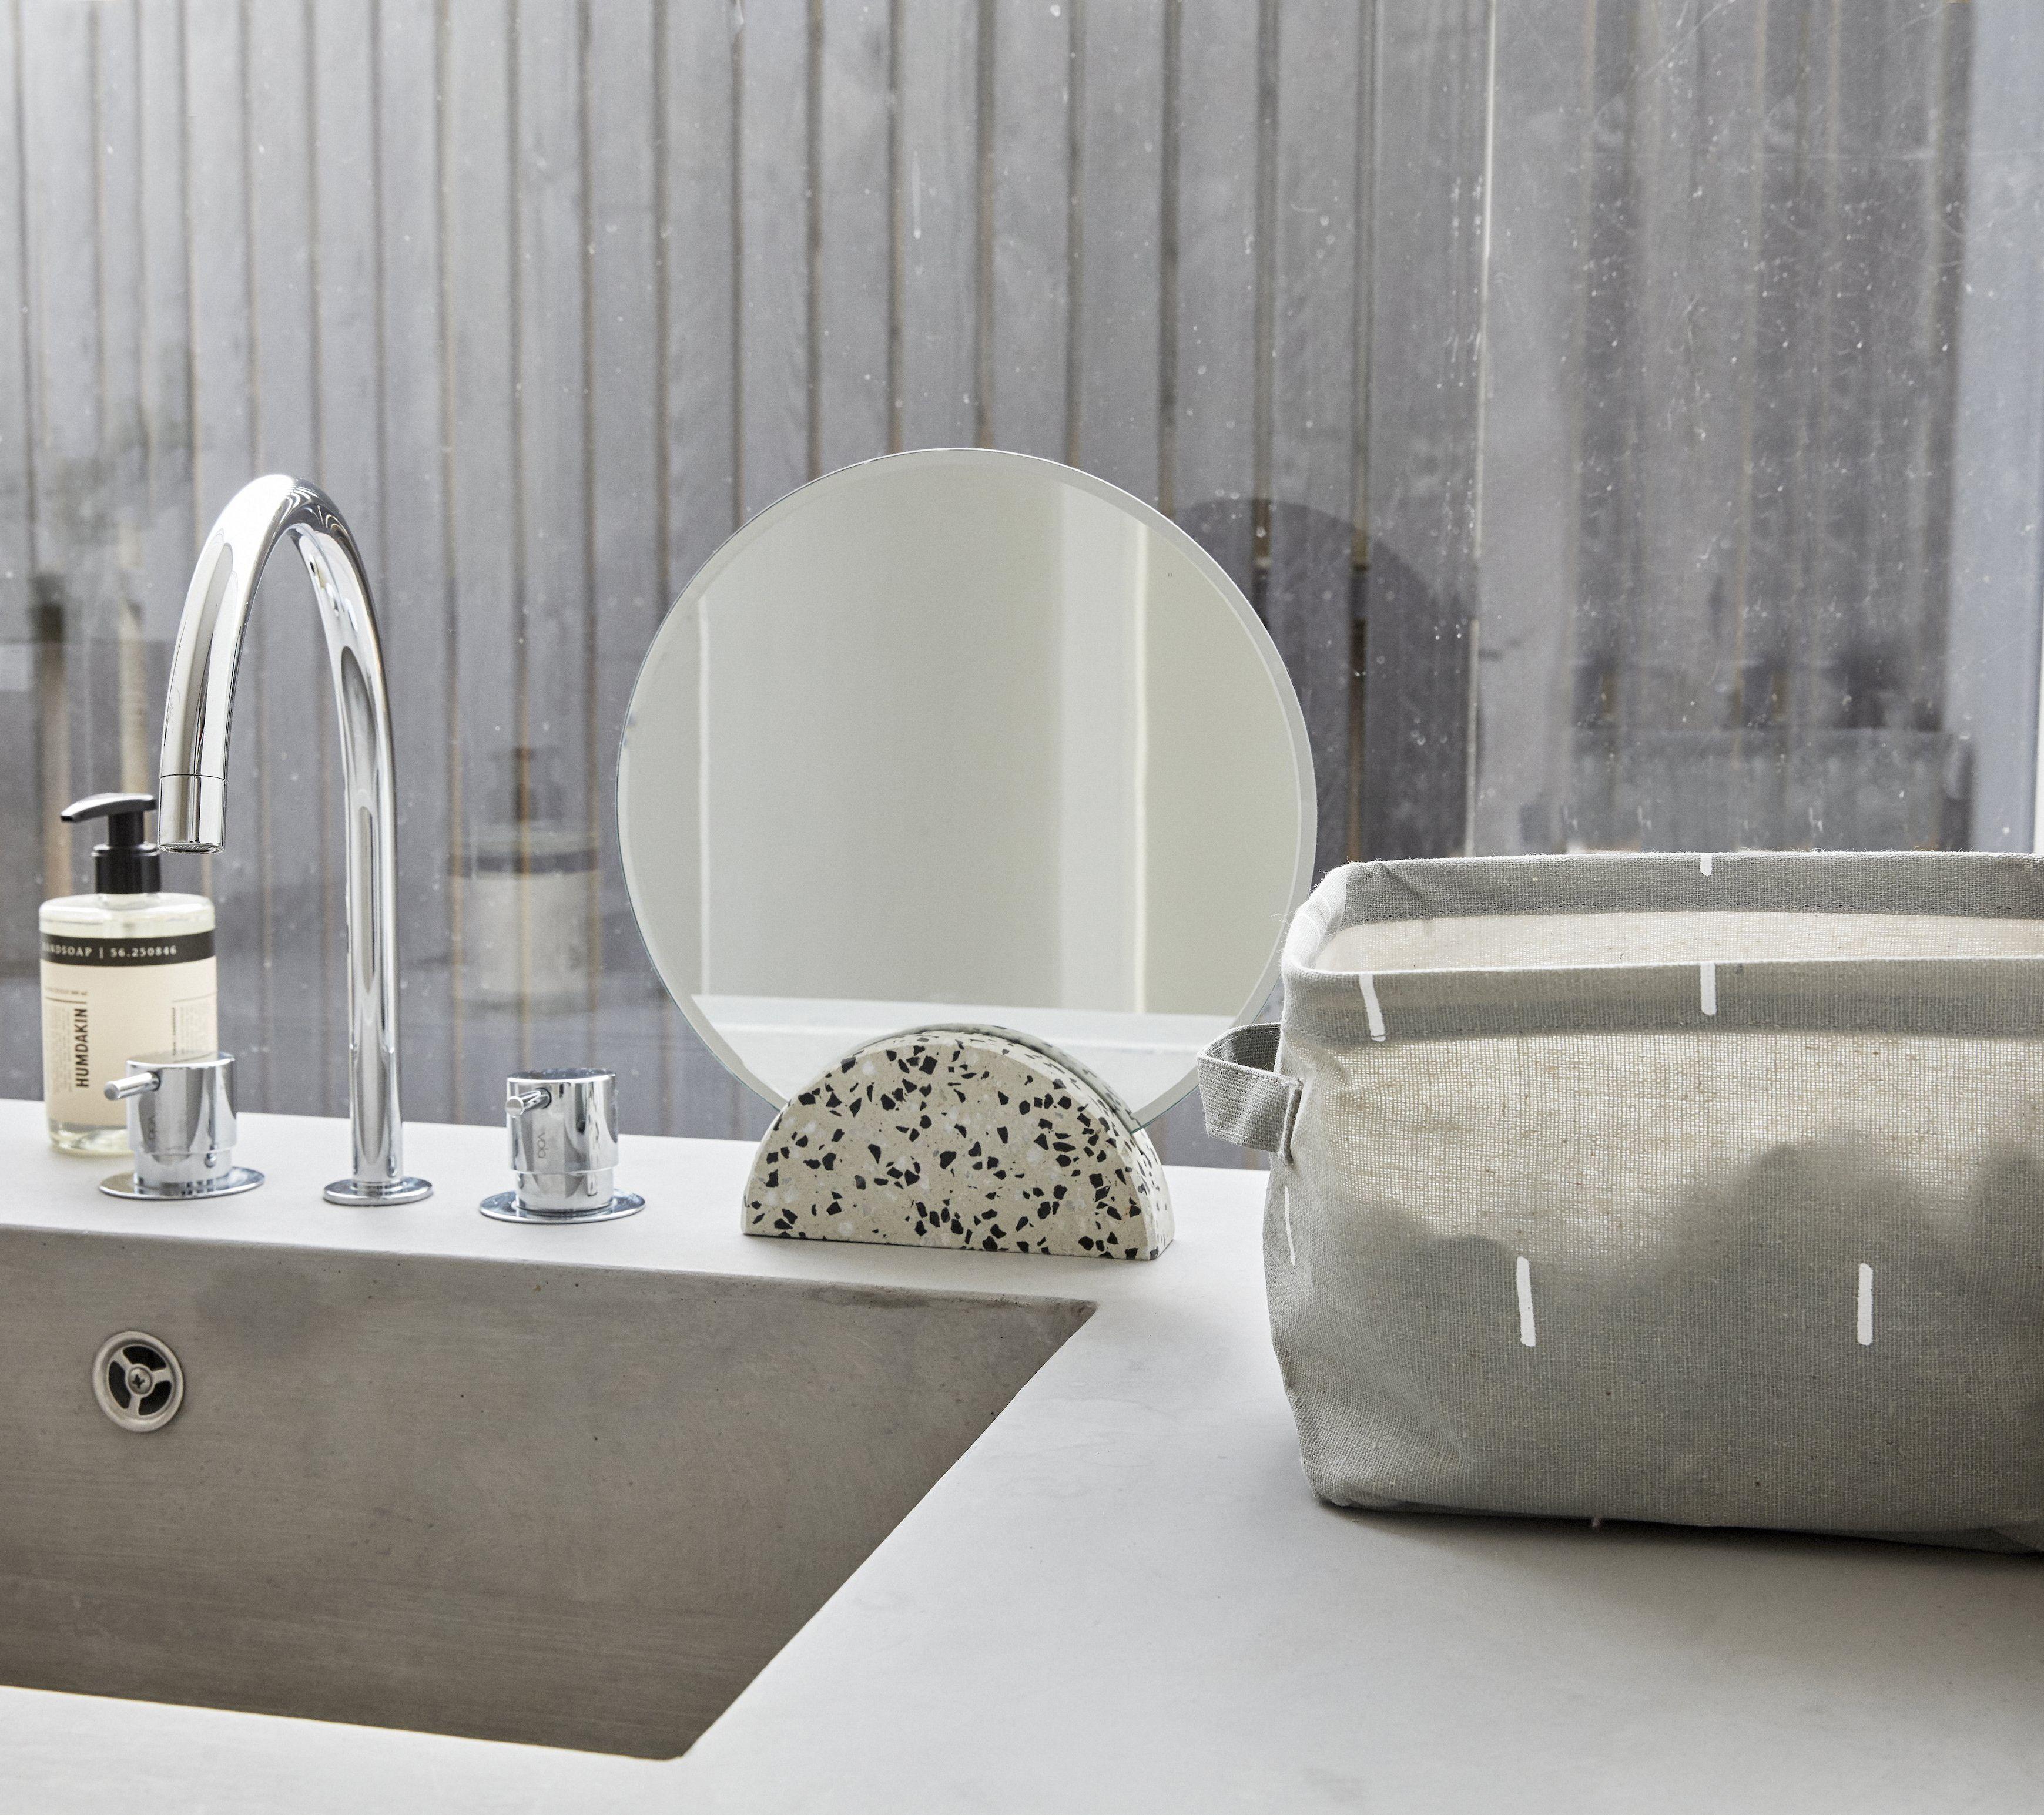 Miroir de table - Terrazzo